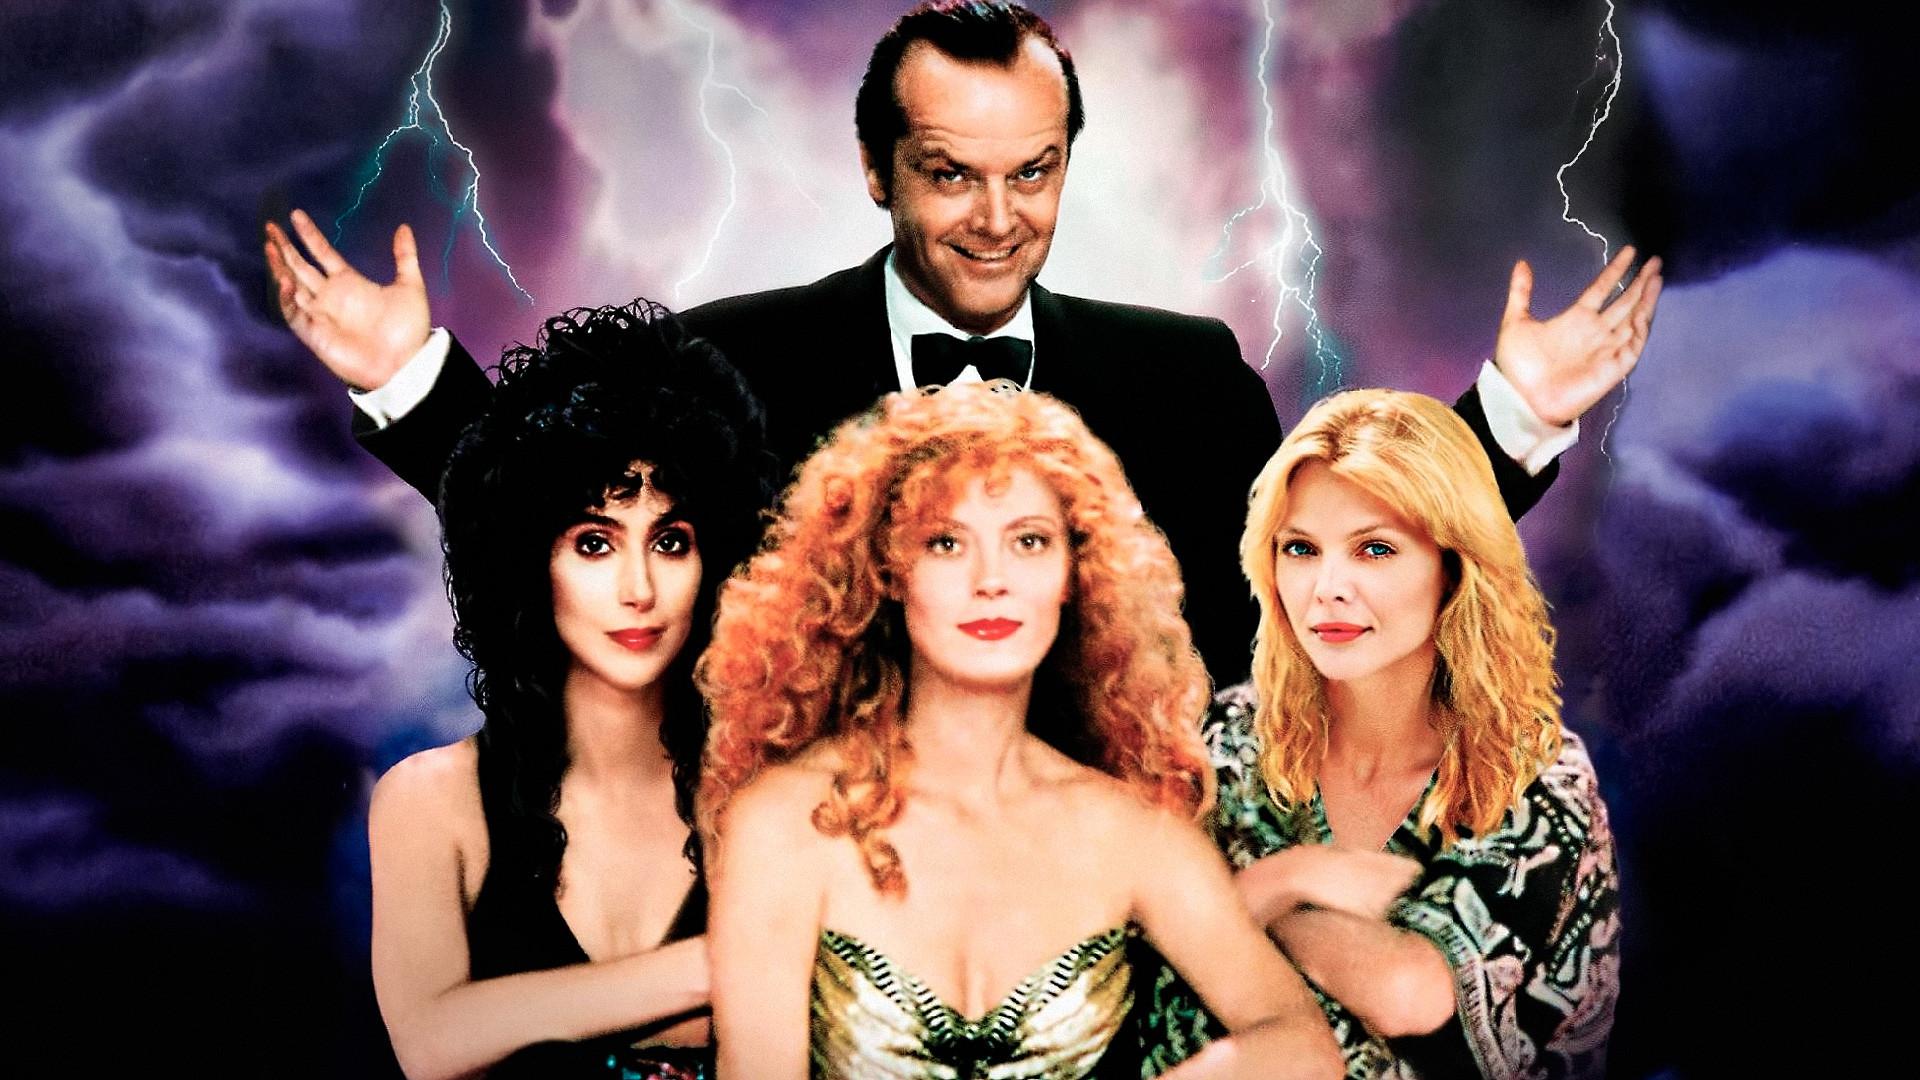 semana-do-halloween-noite-5-filmes-sobre-bruxas_2